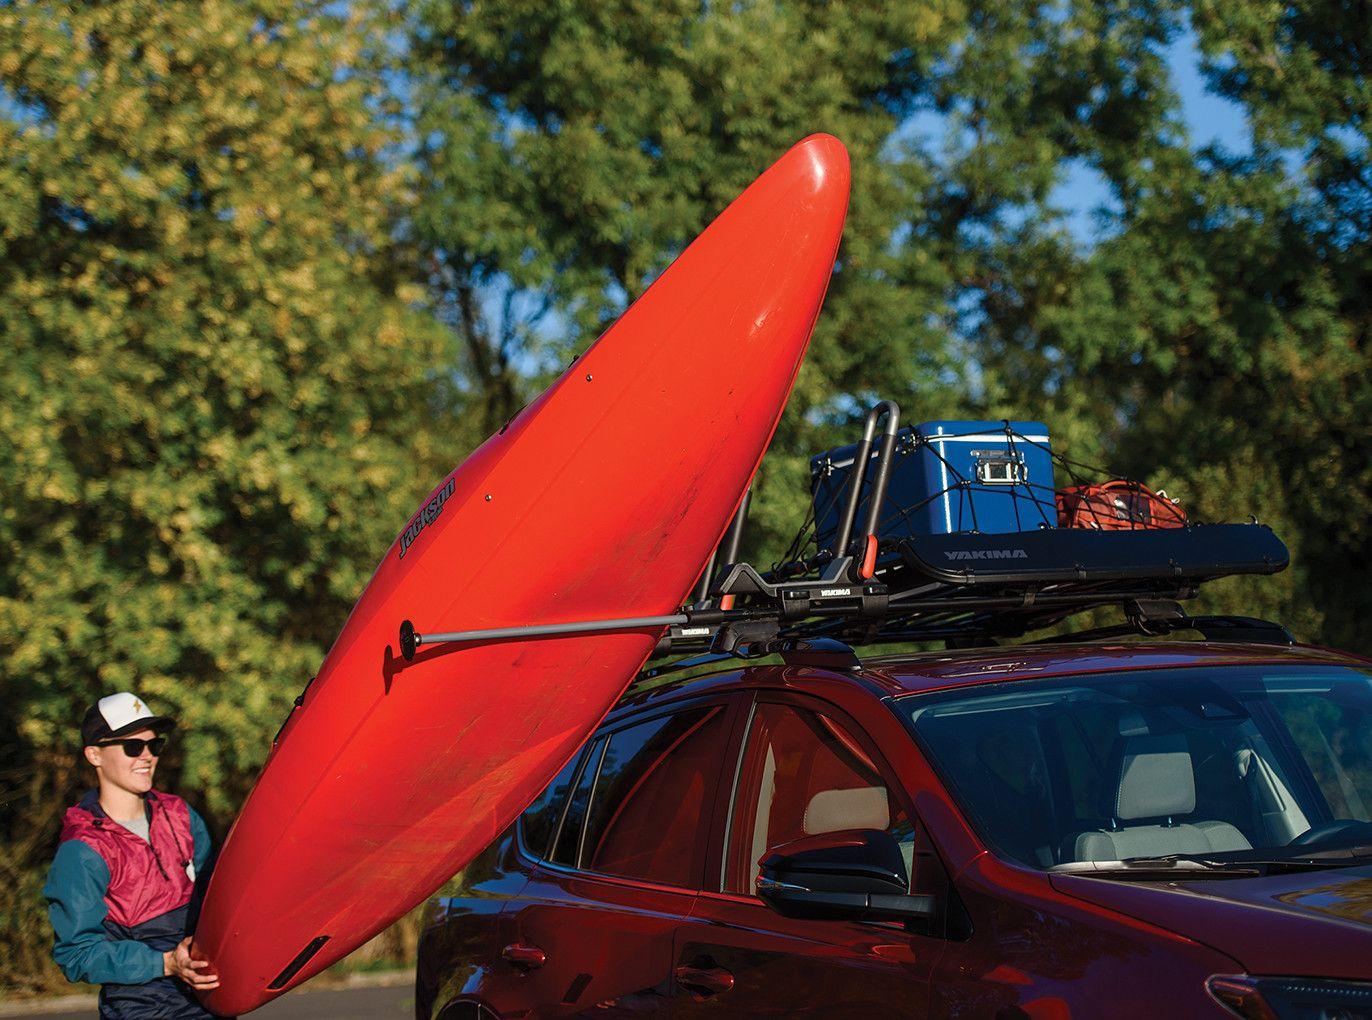 Boatloader Evo Canoe Fishing Car Paint Jobs Kayaking